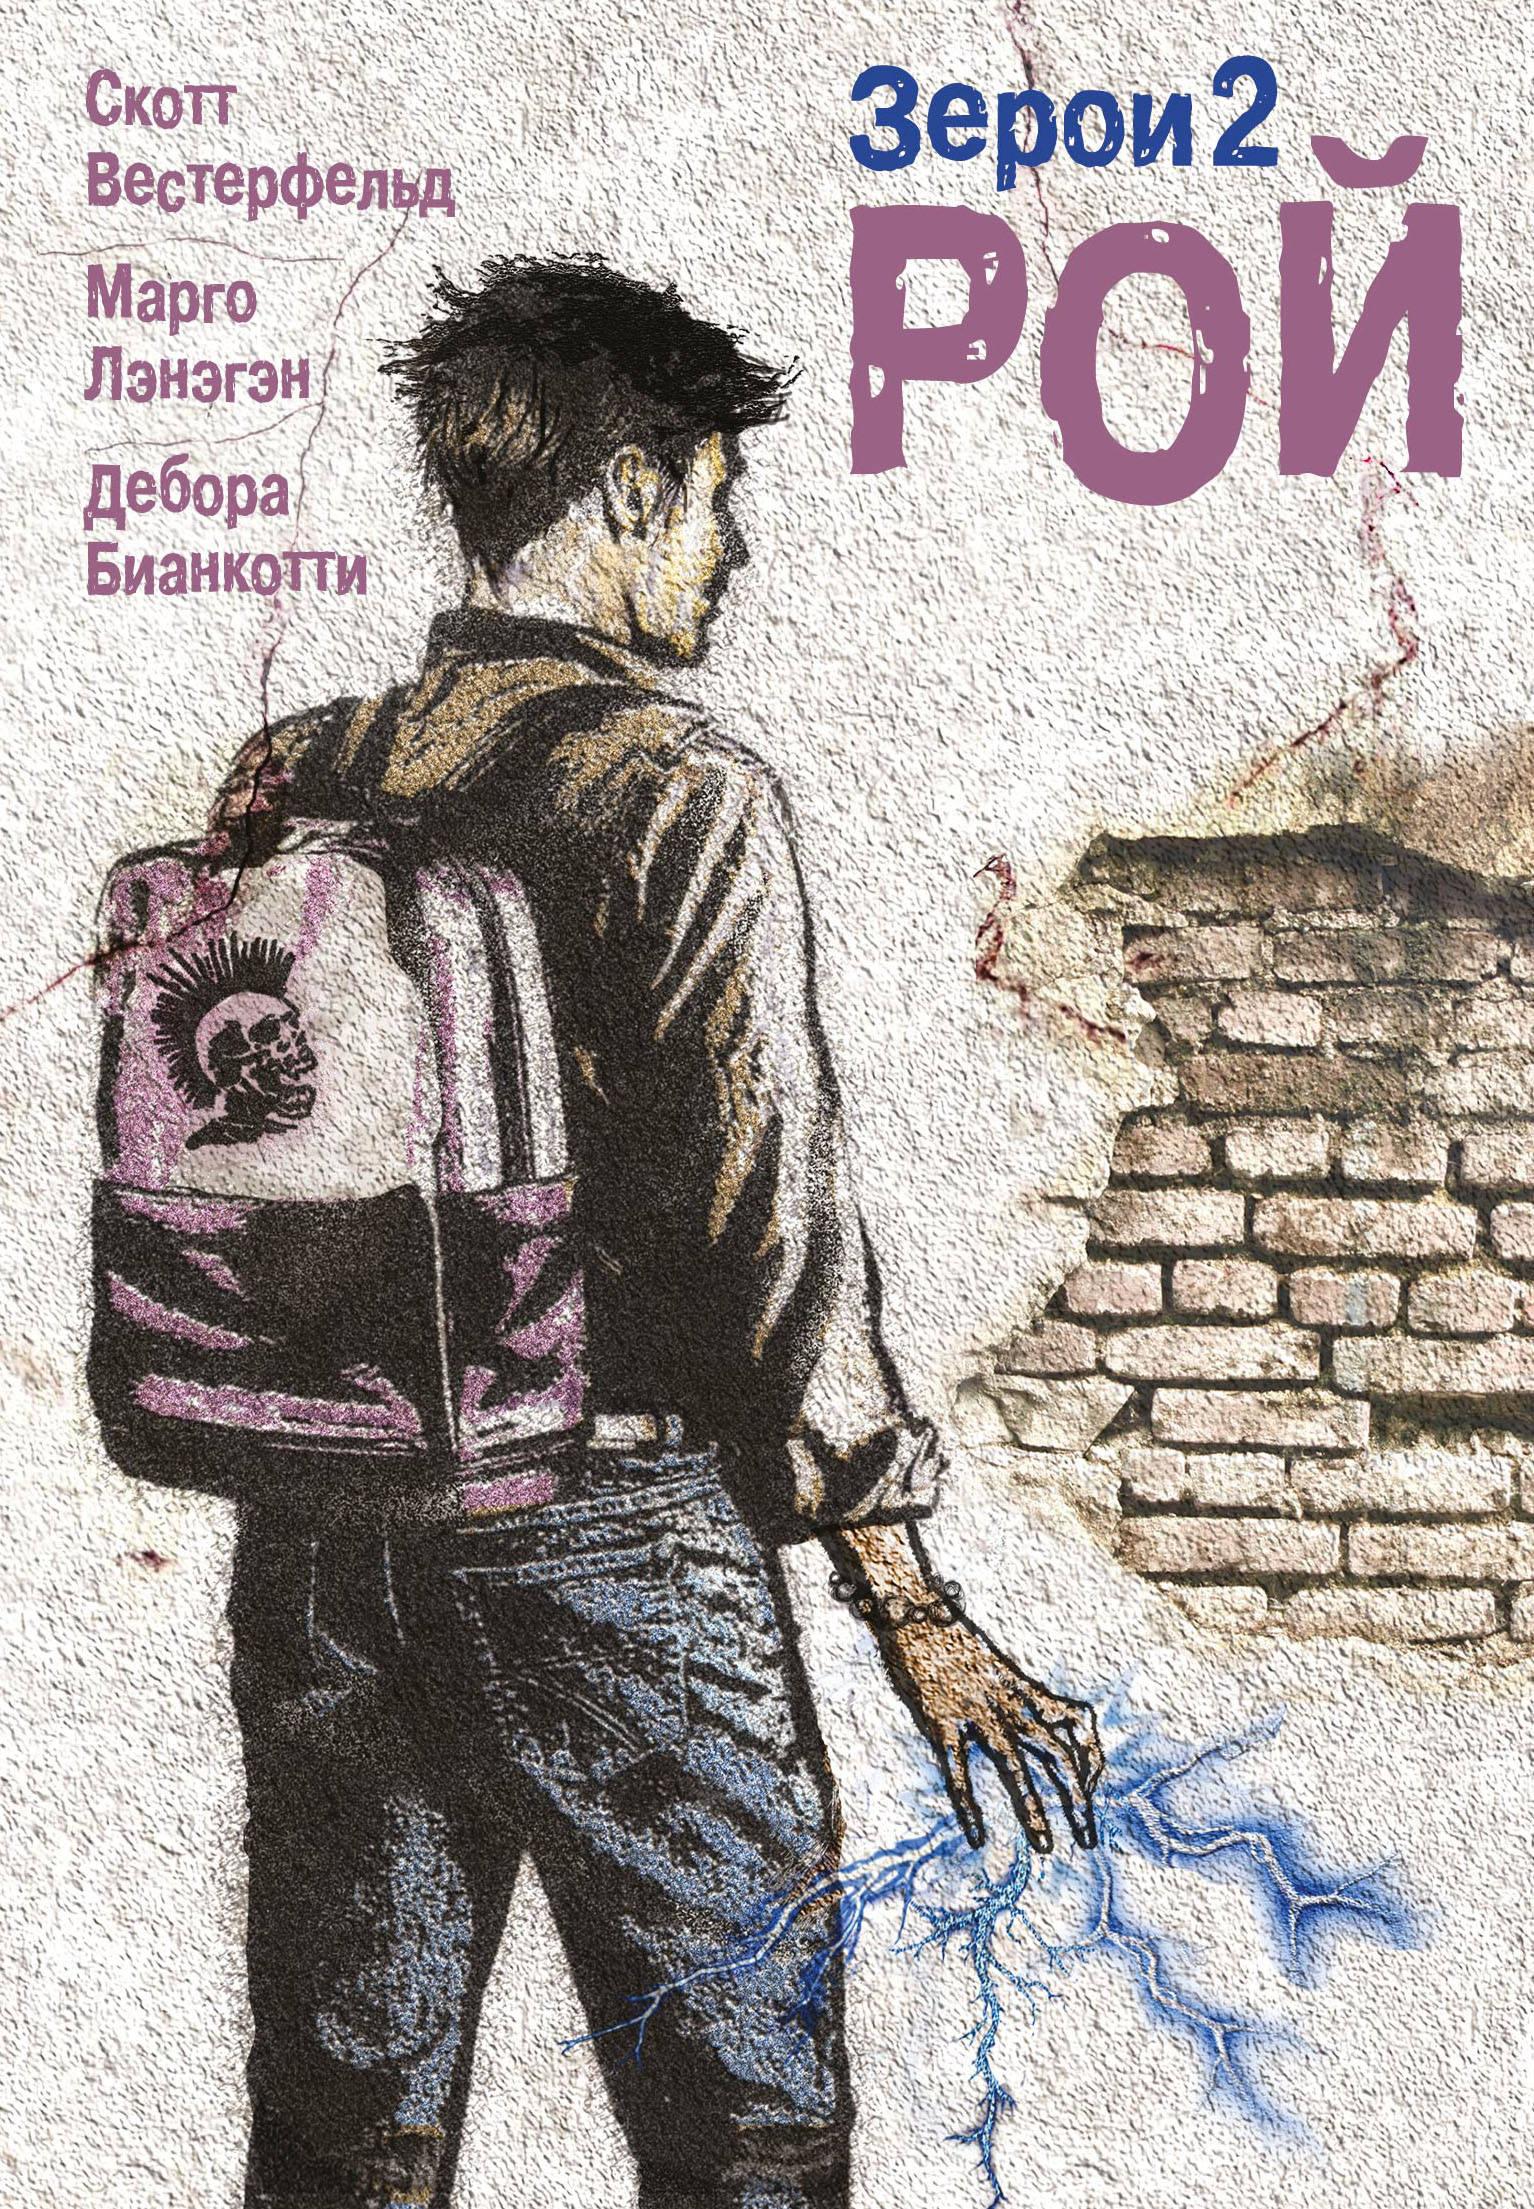 Скотт Вестерфельд, МаргоЛэнэгэн, Дебора Бианкотти Рой ISBN: 978-5-04-091867-6